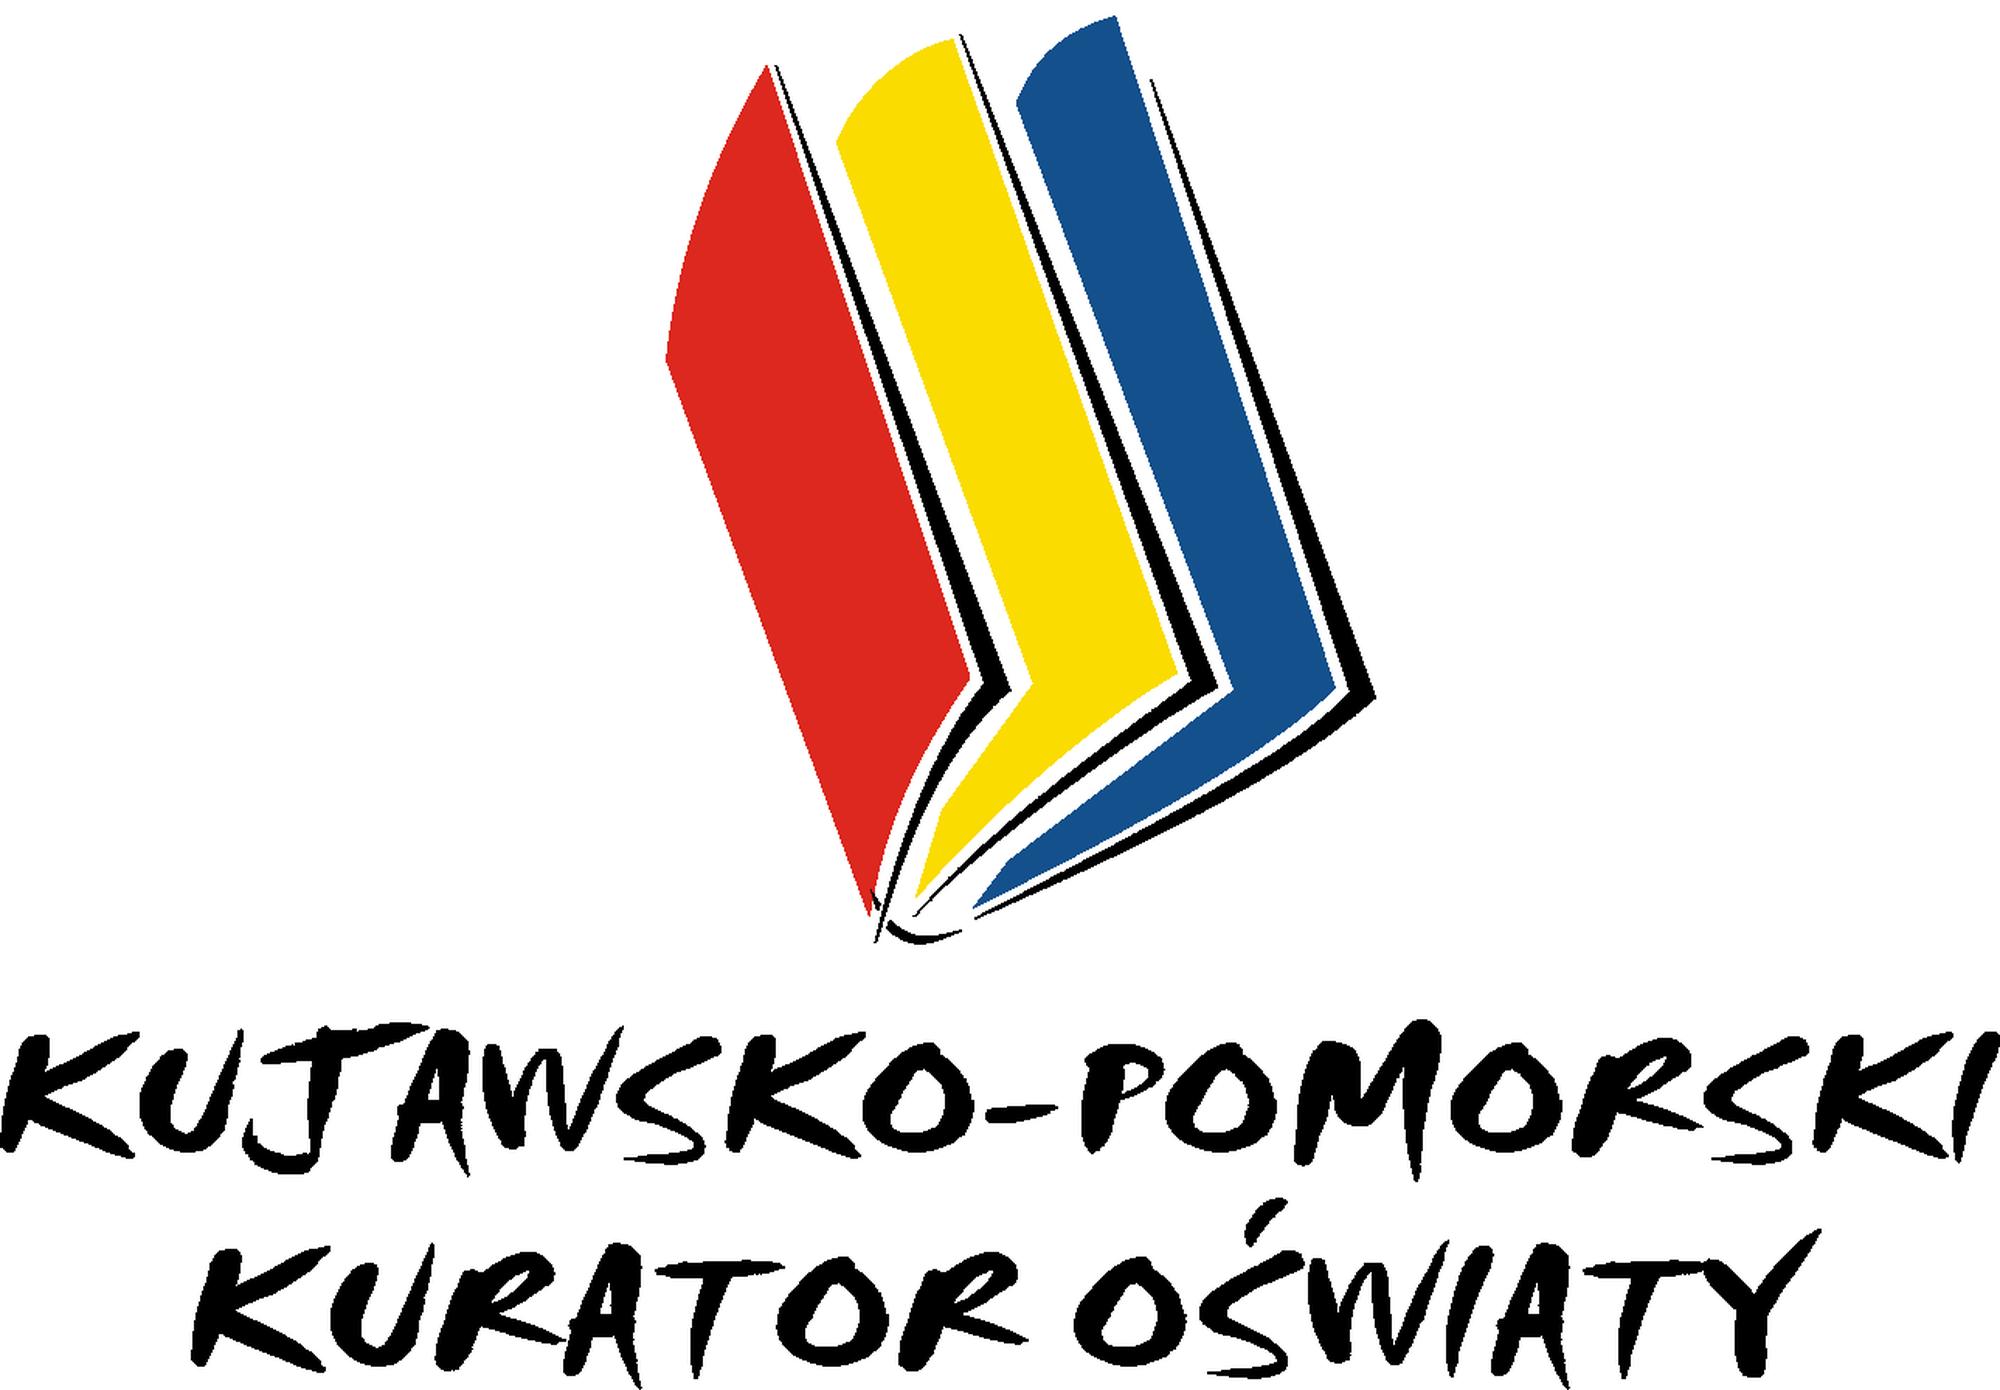 Kujawsko-pomorski Kurator Oświaty